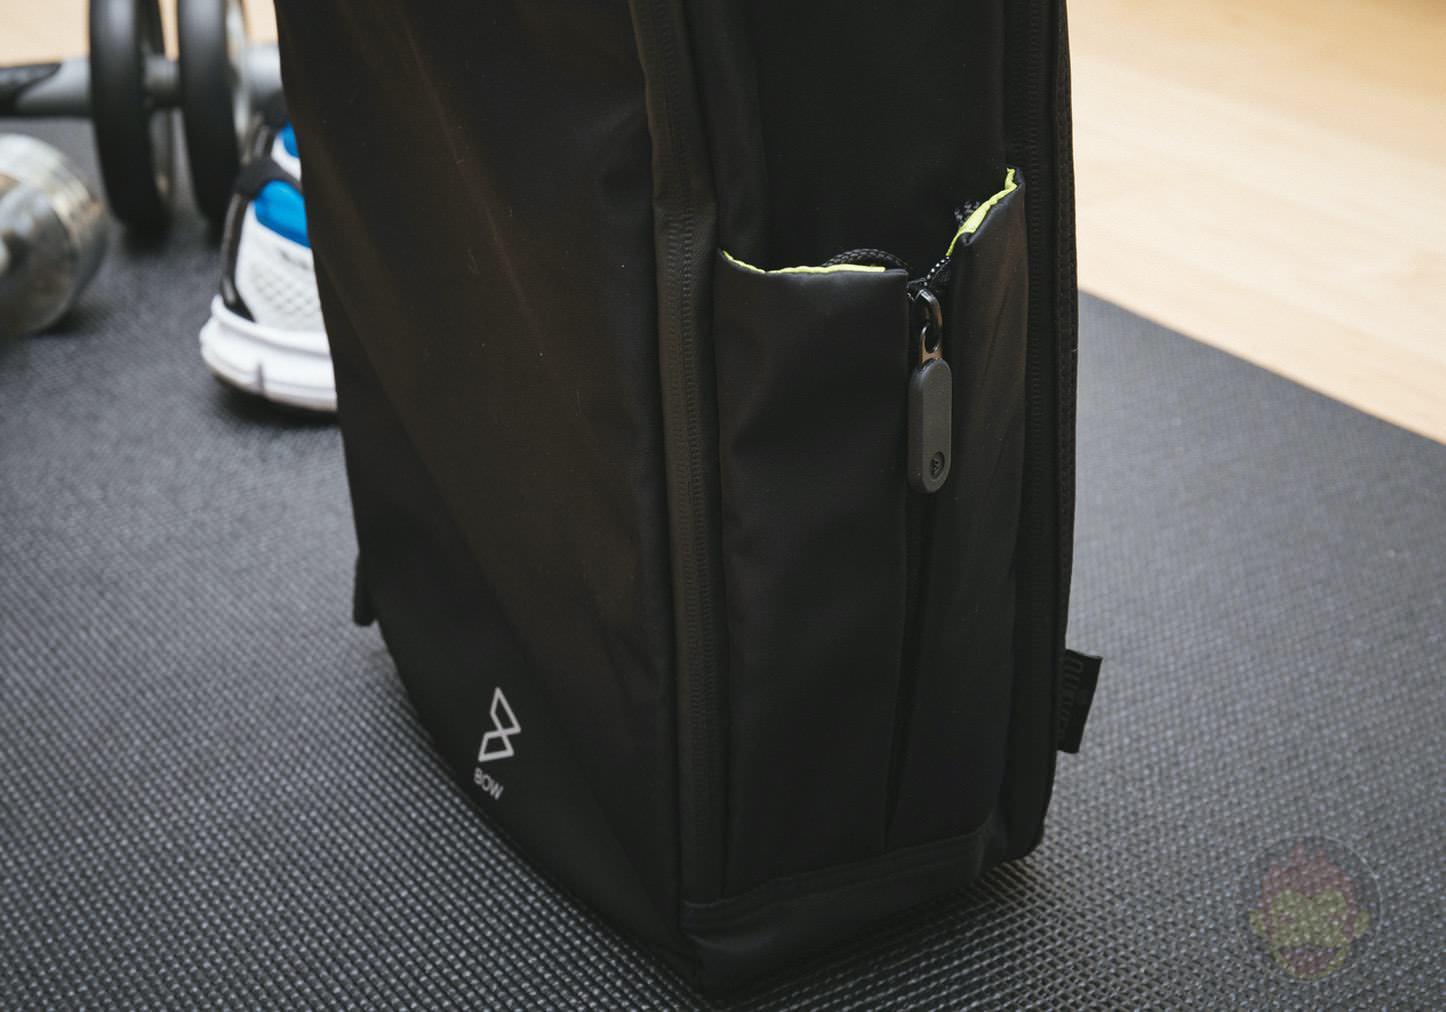 Quiver-Gym-Splashproof-Shoulder-Bag-10.jpg